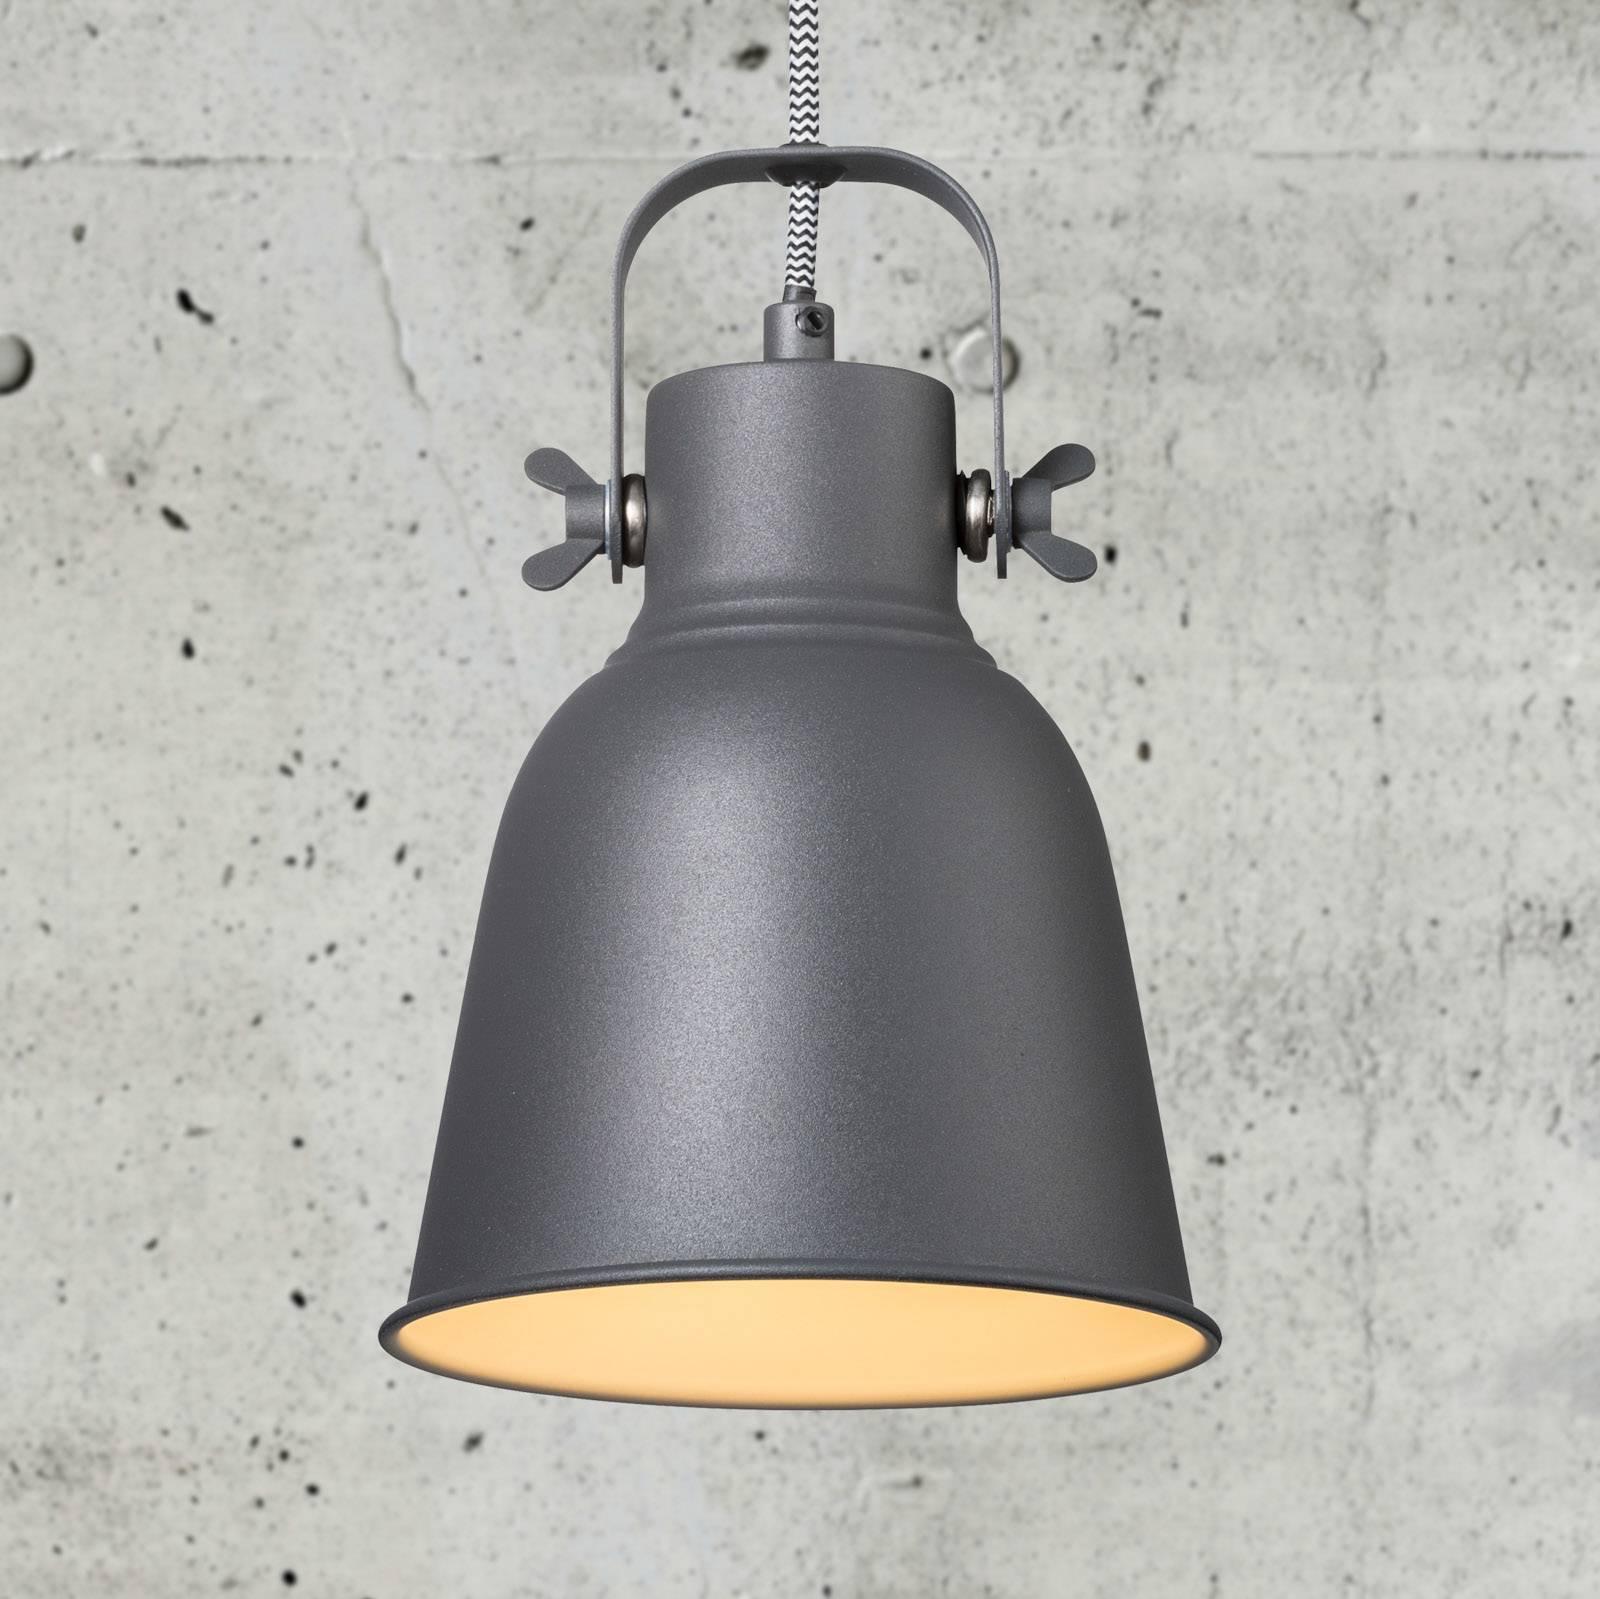 Billede af Adrian hængelampe i sort, Ø 16 cm